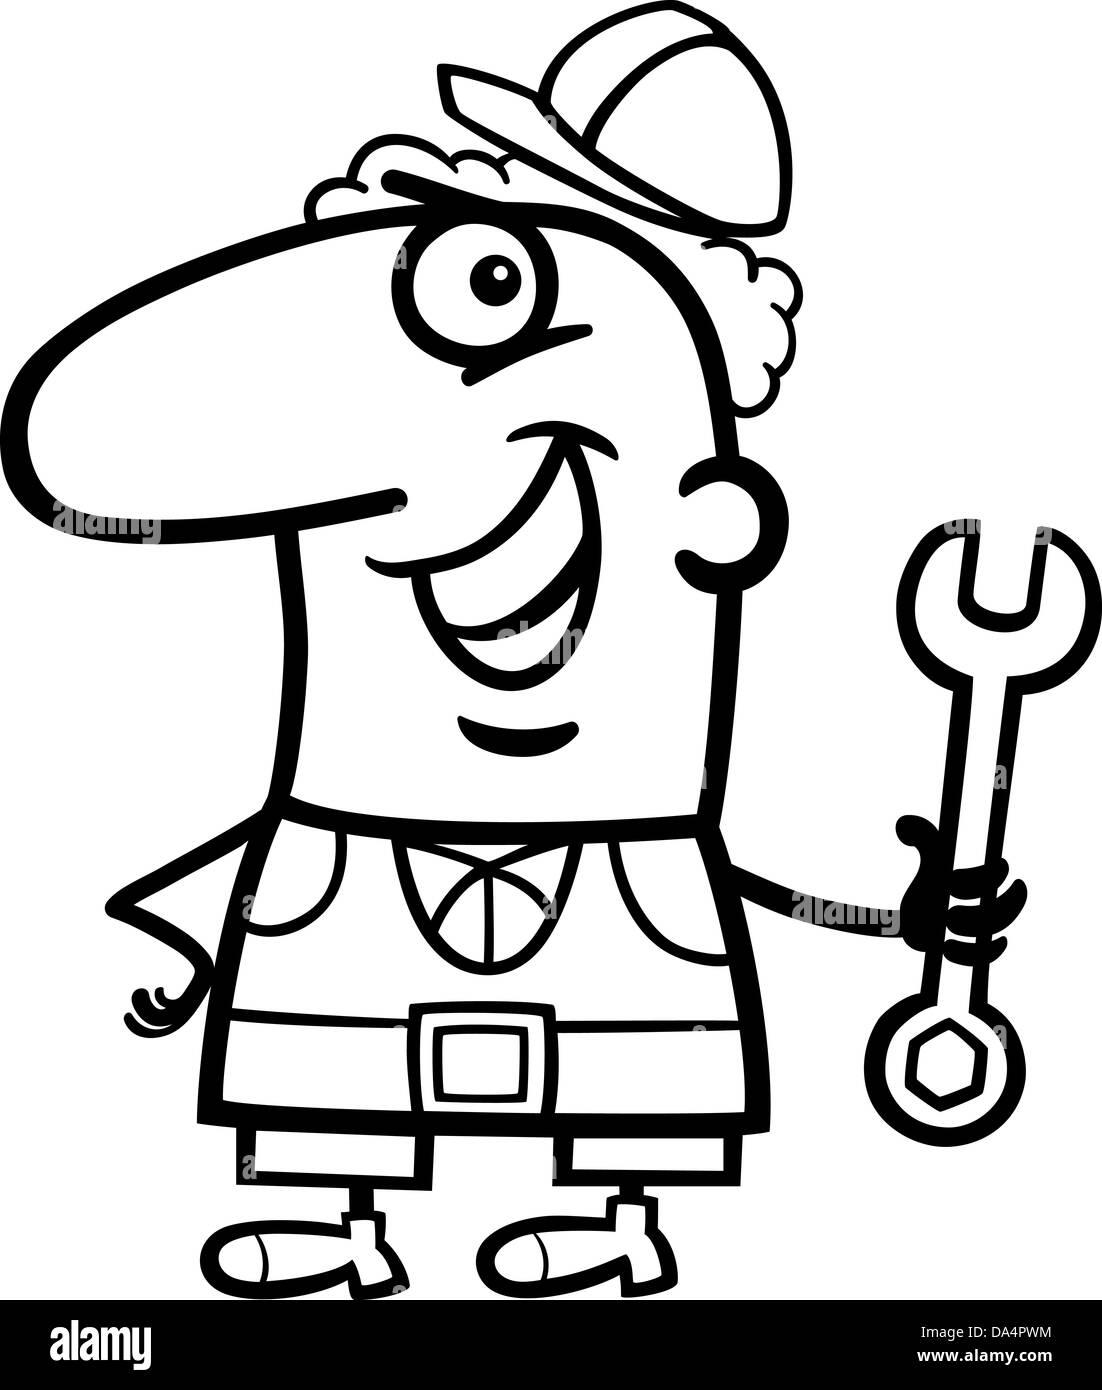 Schwarz Weiß Cartoon Illustration Der Lustige Arbeiter Mit